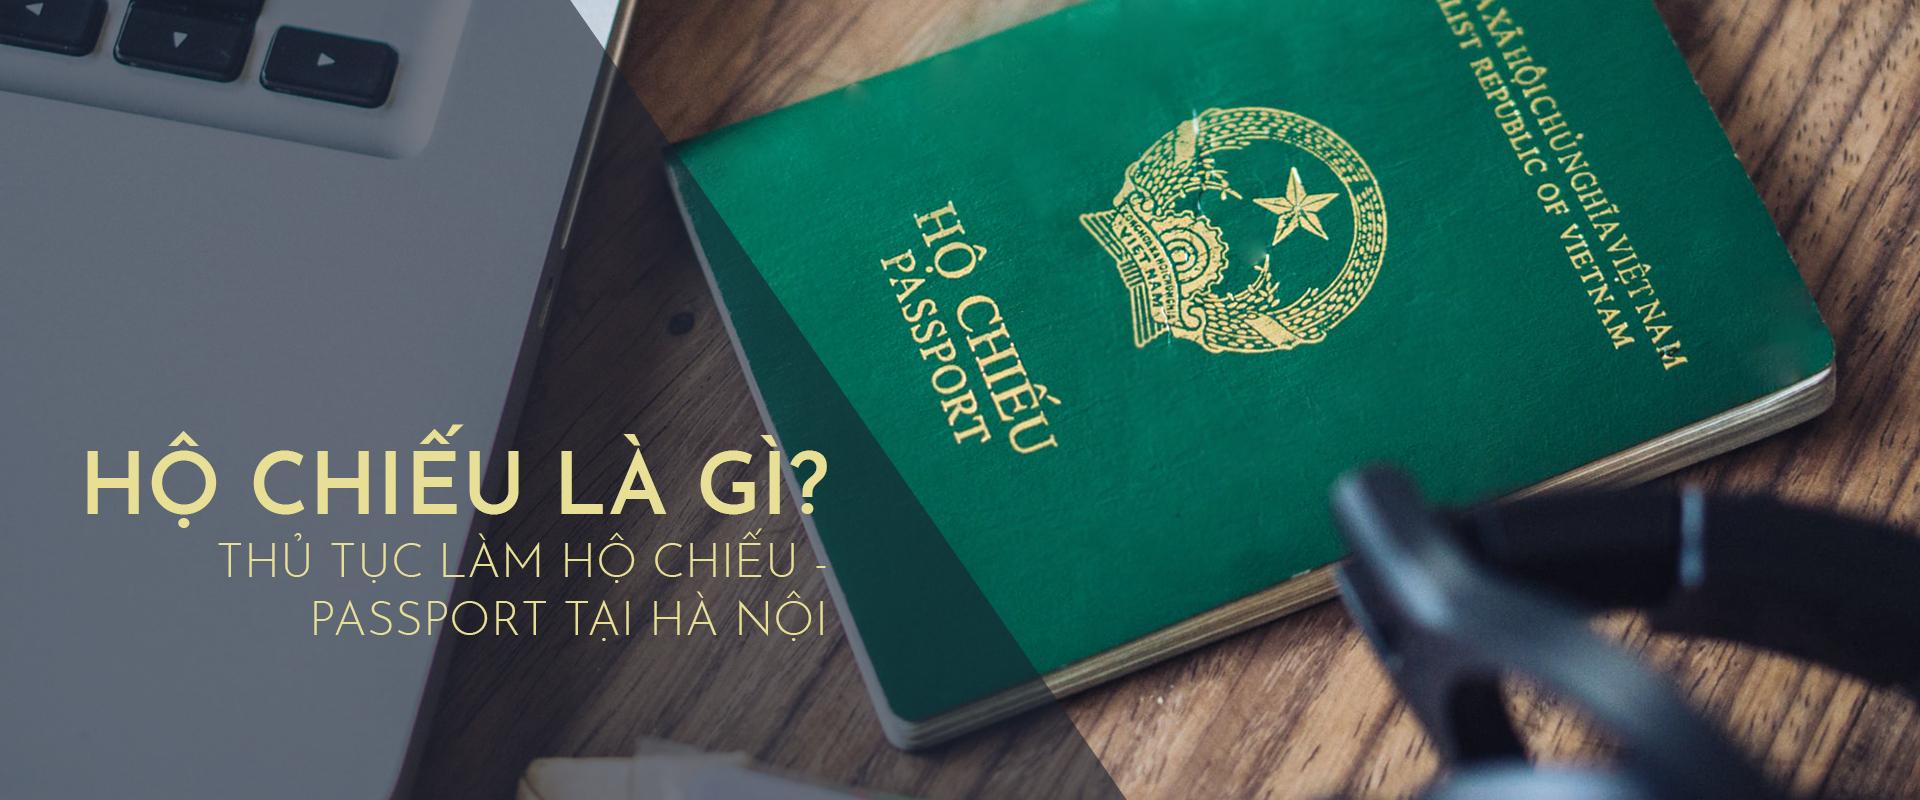 Hộ chiếu là gì? Thủ tục làm hộ chiếu (passport) tại Hà Nội